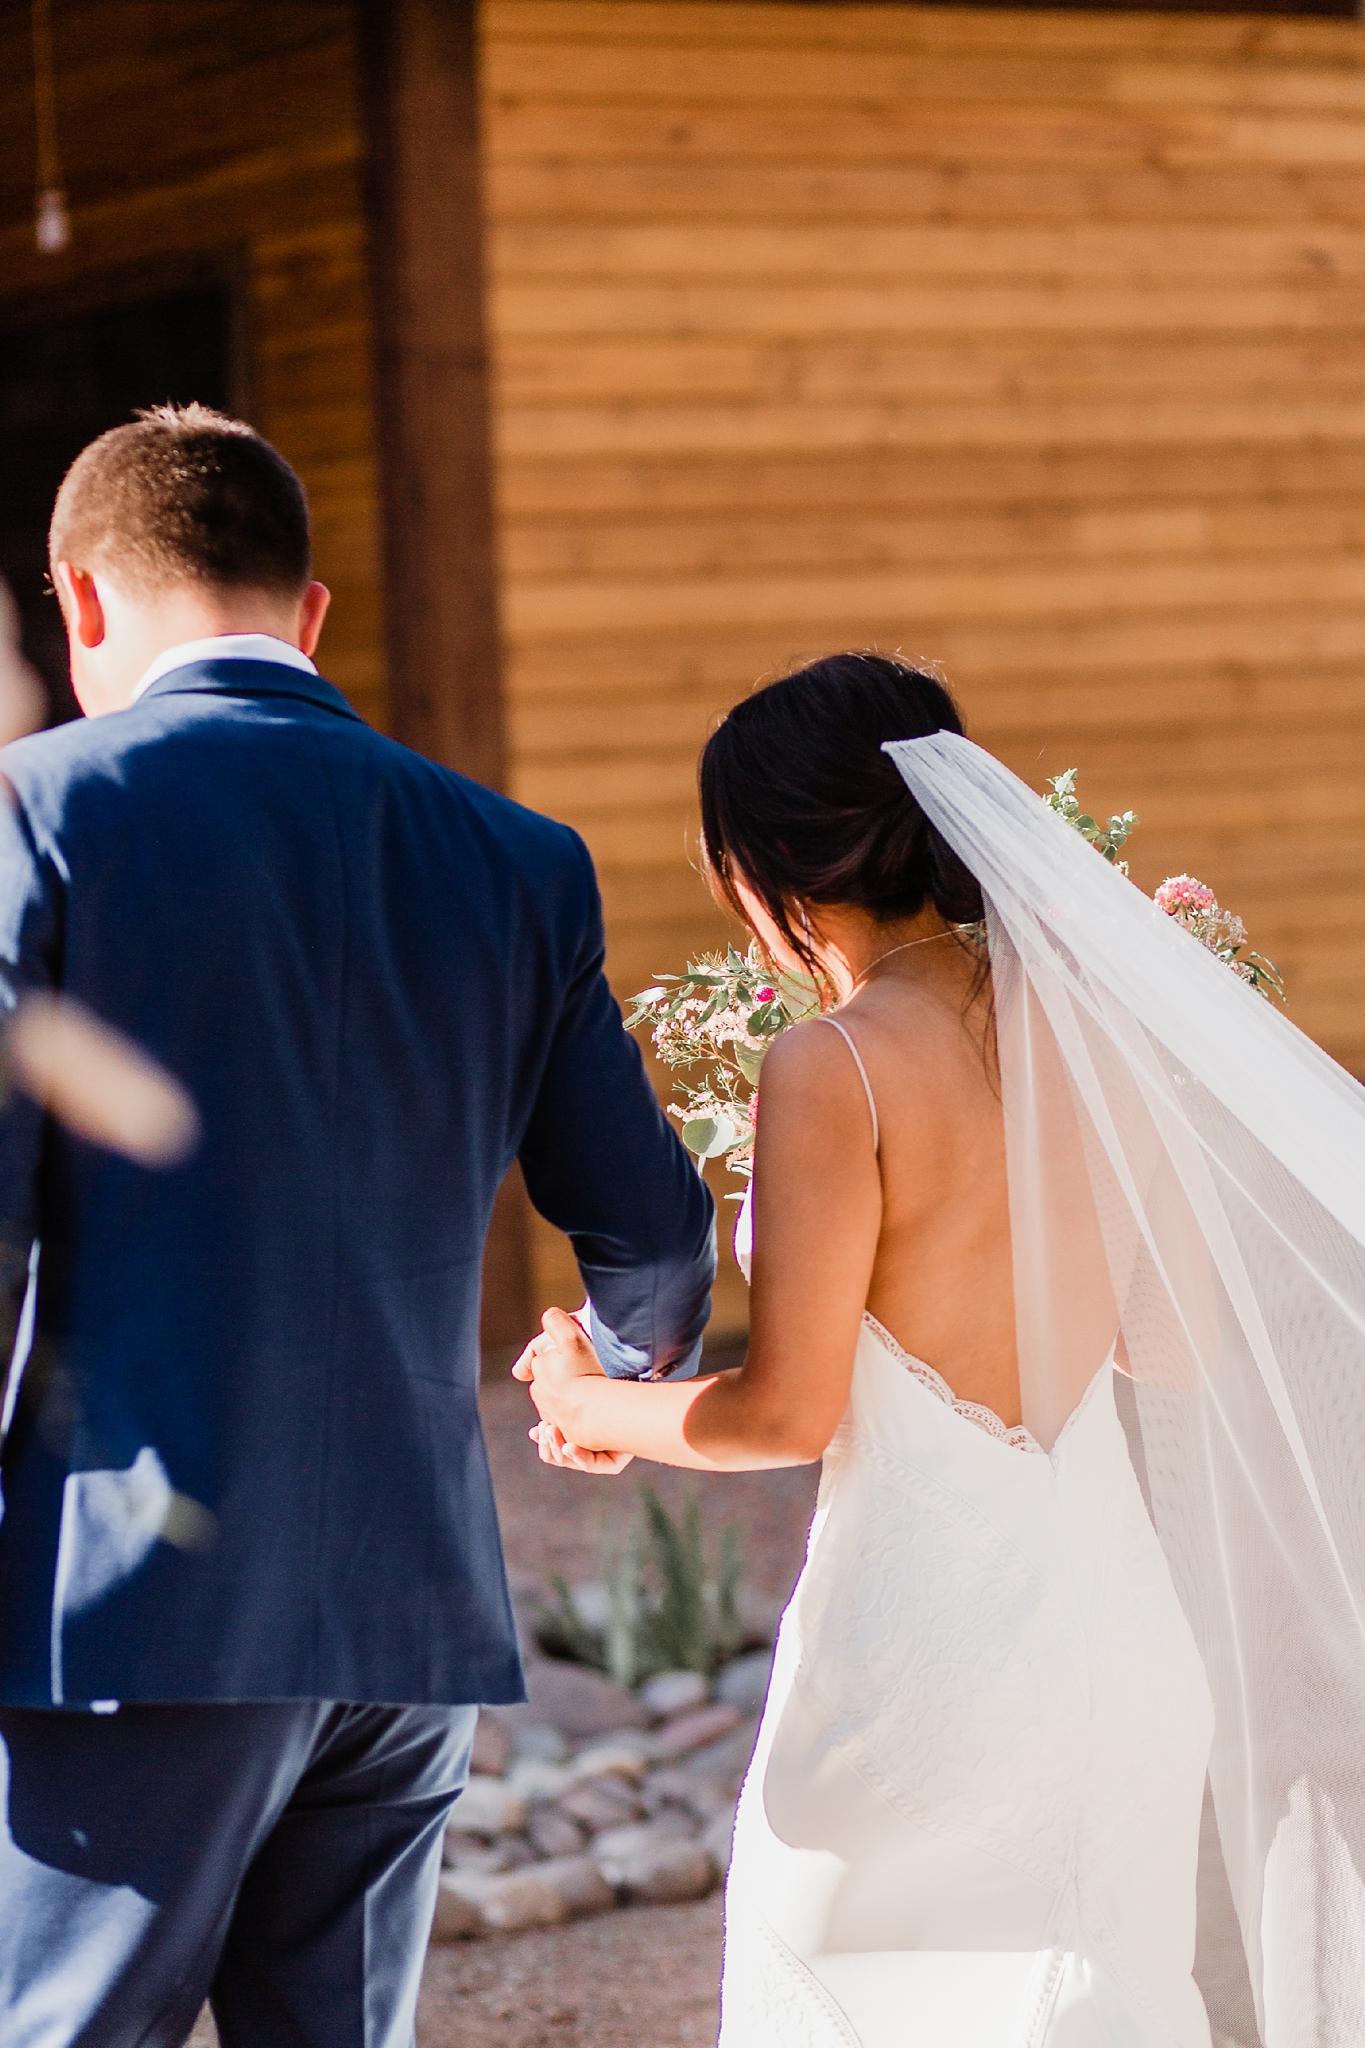 Alicia+lucia+photography+-+albuquerque+wedding+photographer+-+santa+fe+wedding+photography+-+new+mexico+wedding+photographer+-+new+mexico+wedding+-+new+mexico+wedding+-+barn+wedding+-+enchanted+vine+barn+wedding+-+ruidoso+wedding_0111.jpg